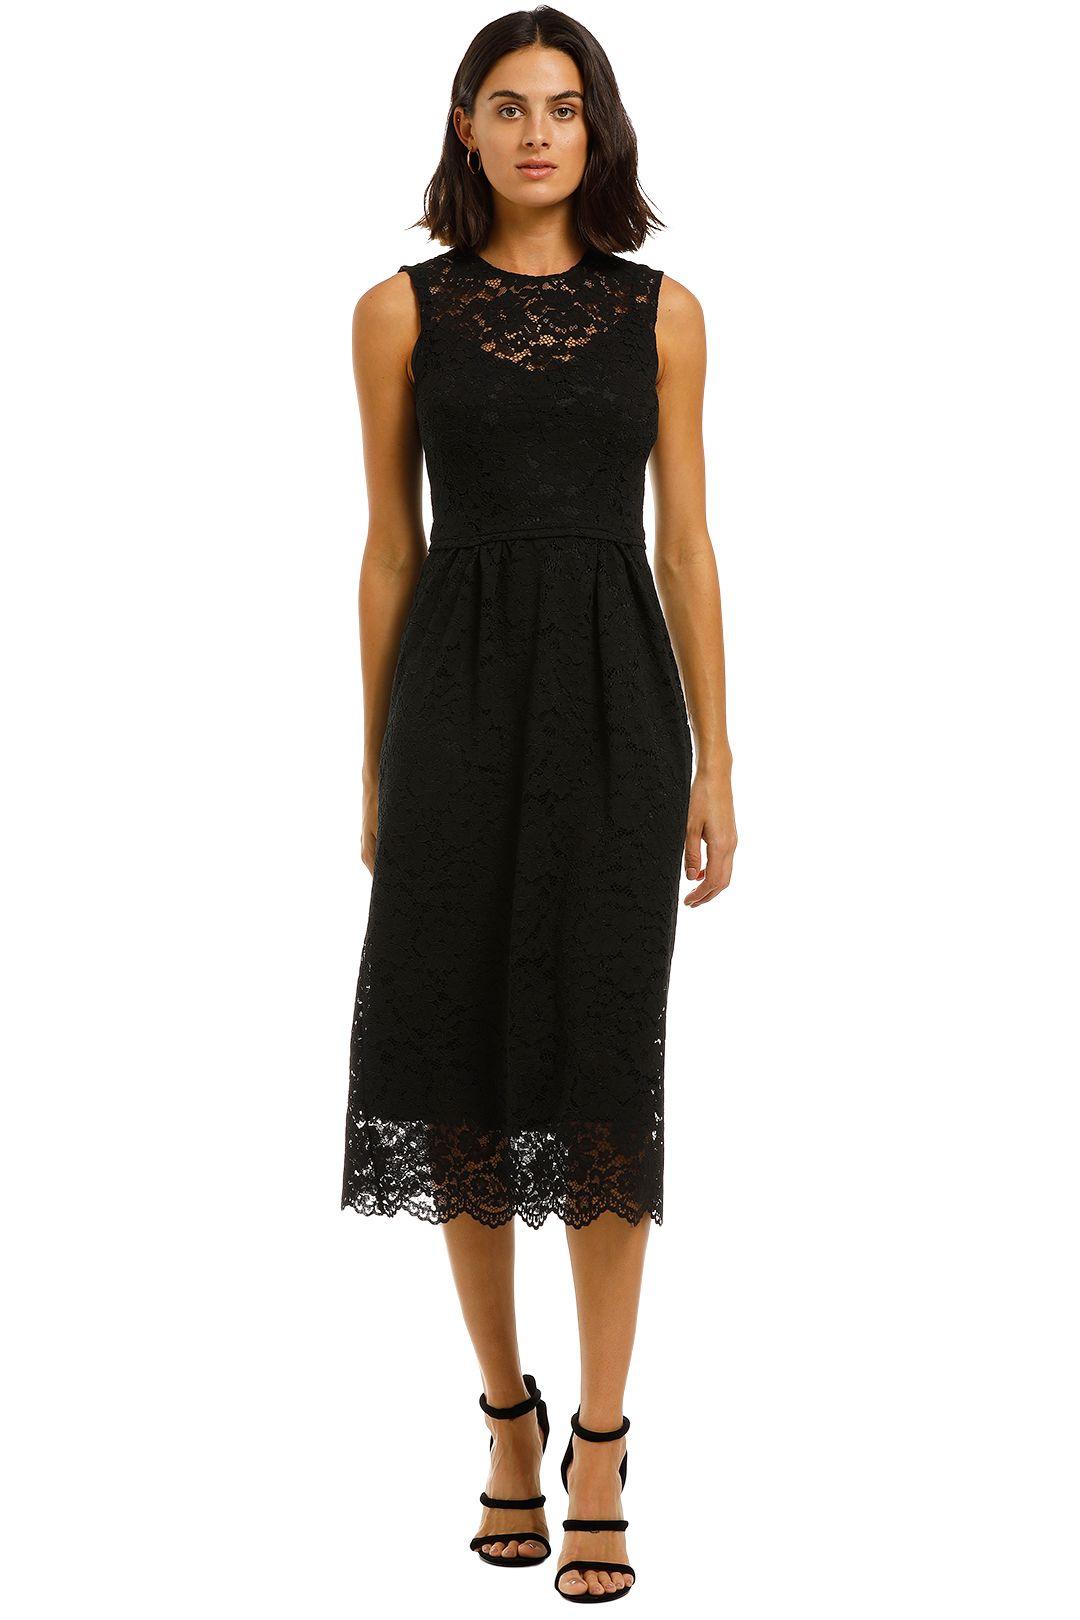 Kate-Sylvester-Antoinette-Dress-Black-Front